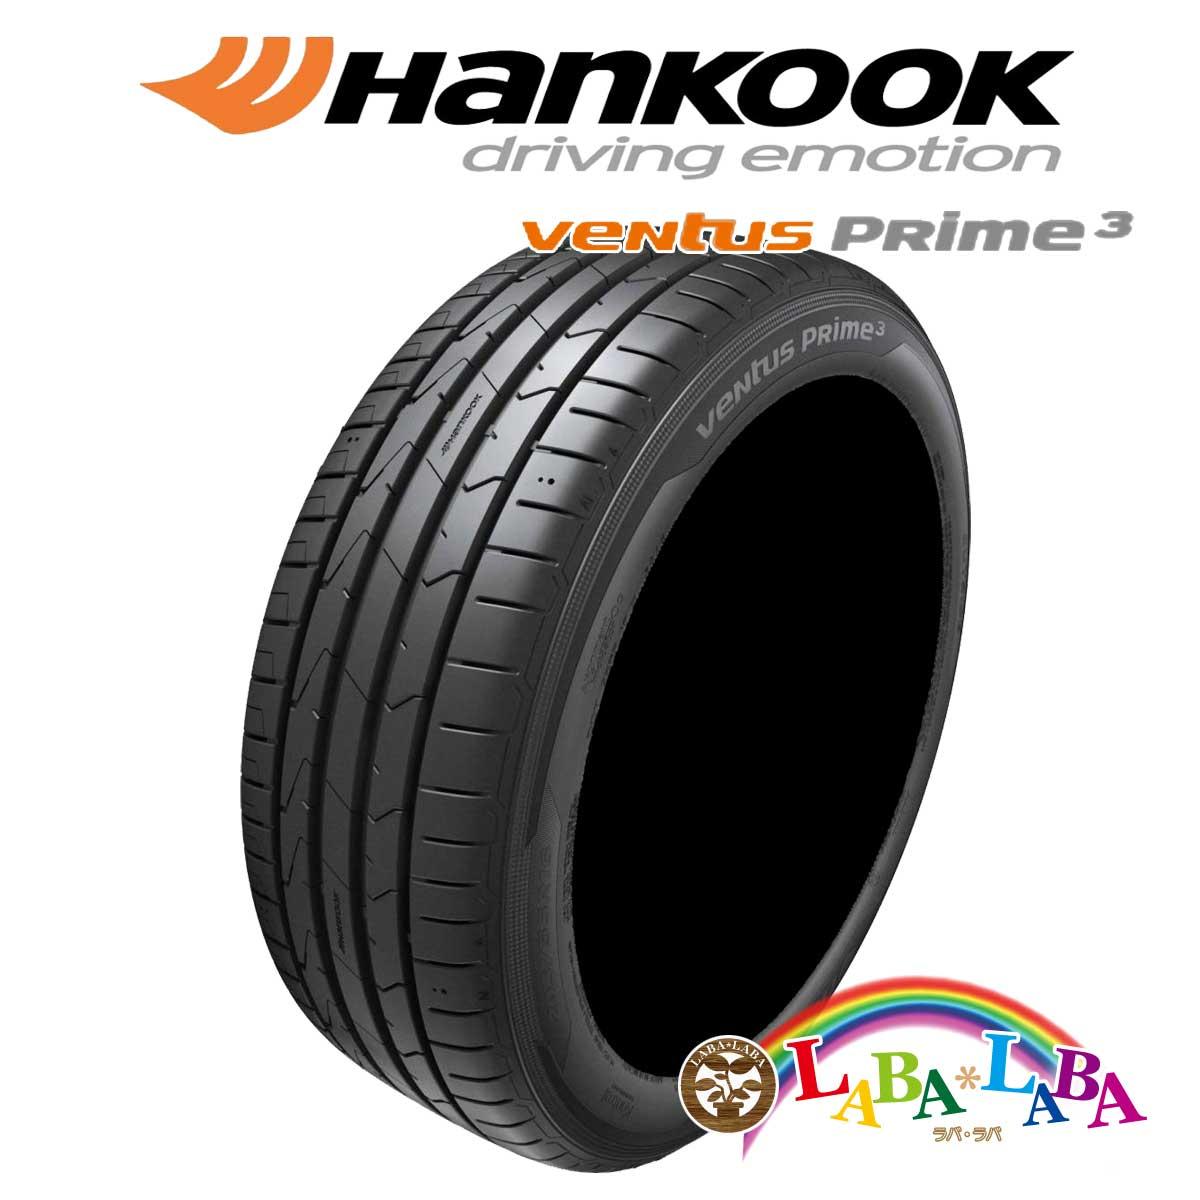 HANKOOK ハンコック VENTUS PRIME3 ベンタス K125 165/40R17 72V XL サマータイヤ 4本セット